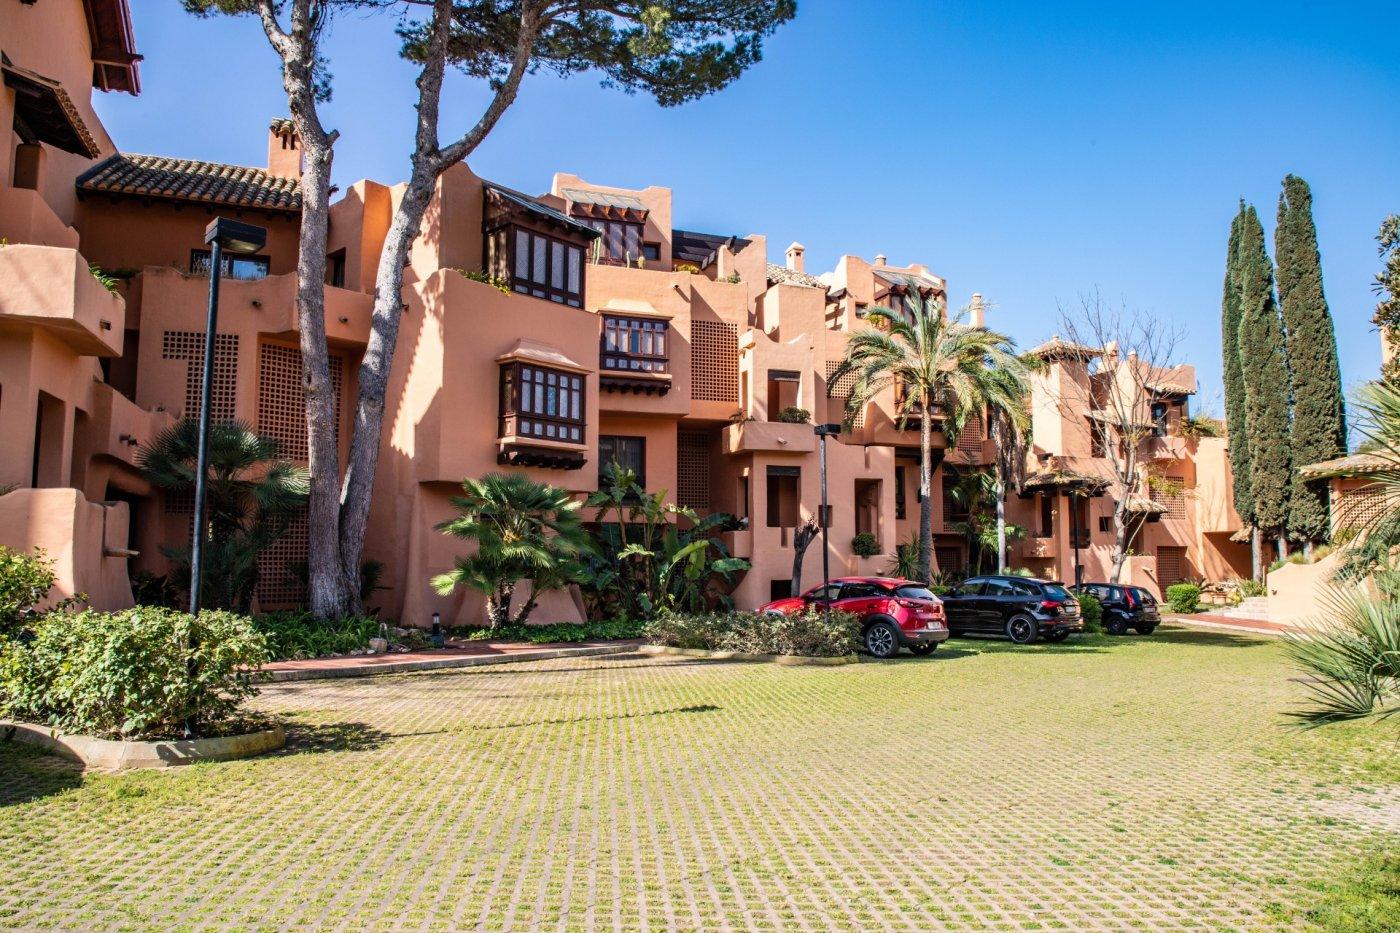 Oportunidad de comprar un precioso apartamento en santa ponsa a muy buen precio!! - imagenInmueble14